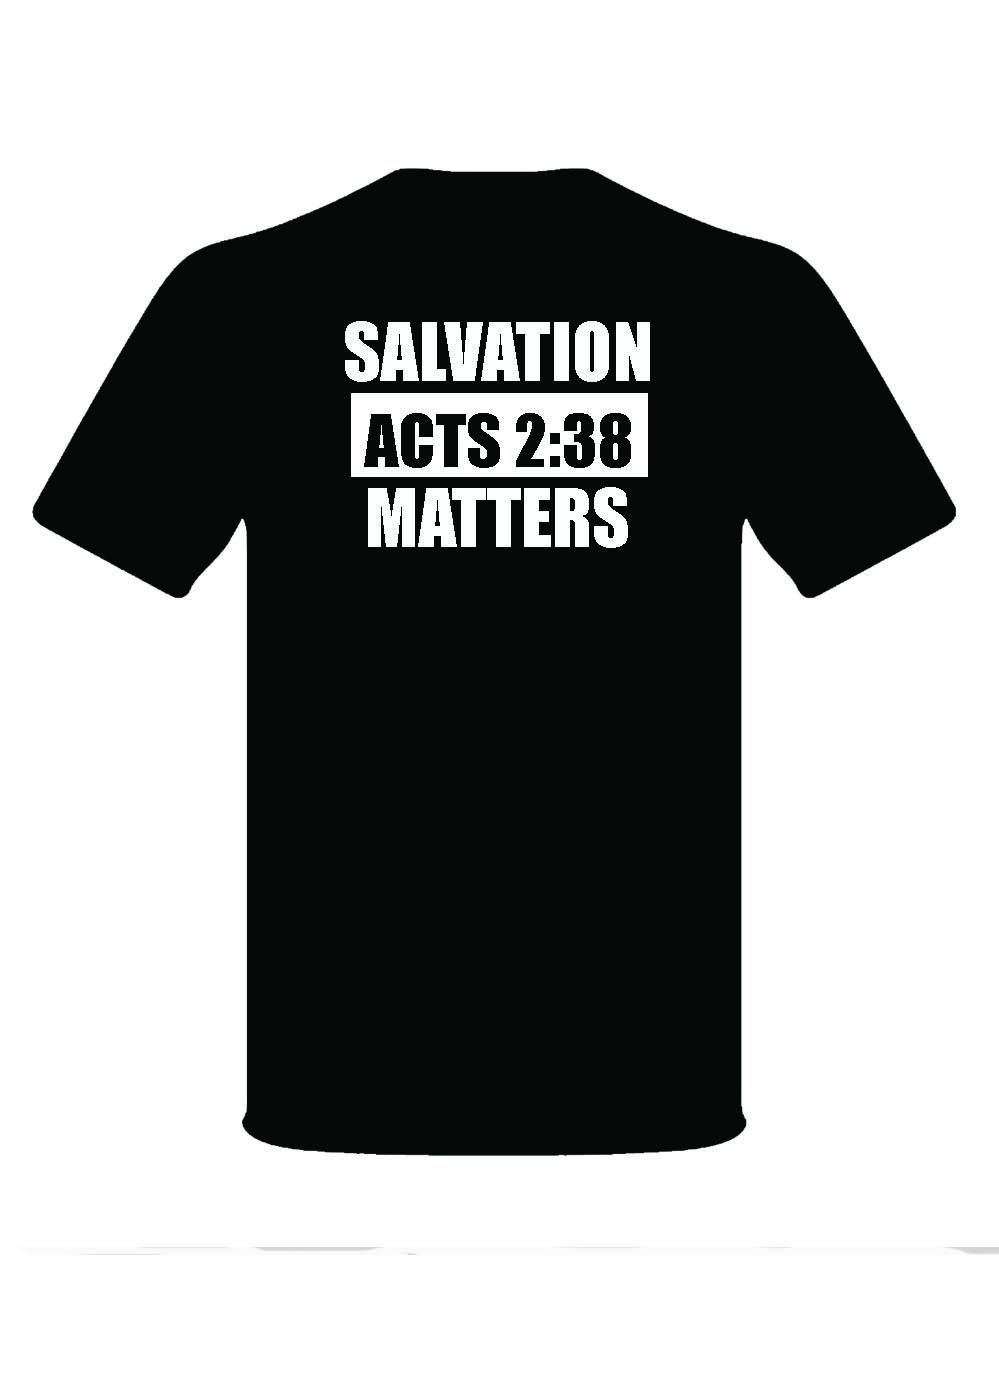 SALVATION MATTERS